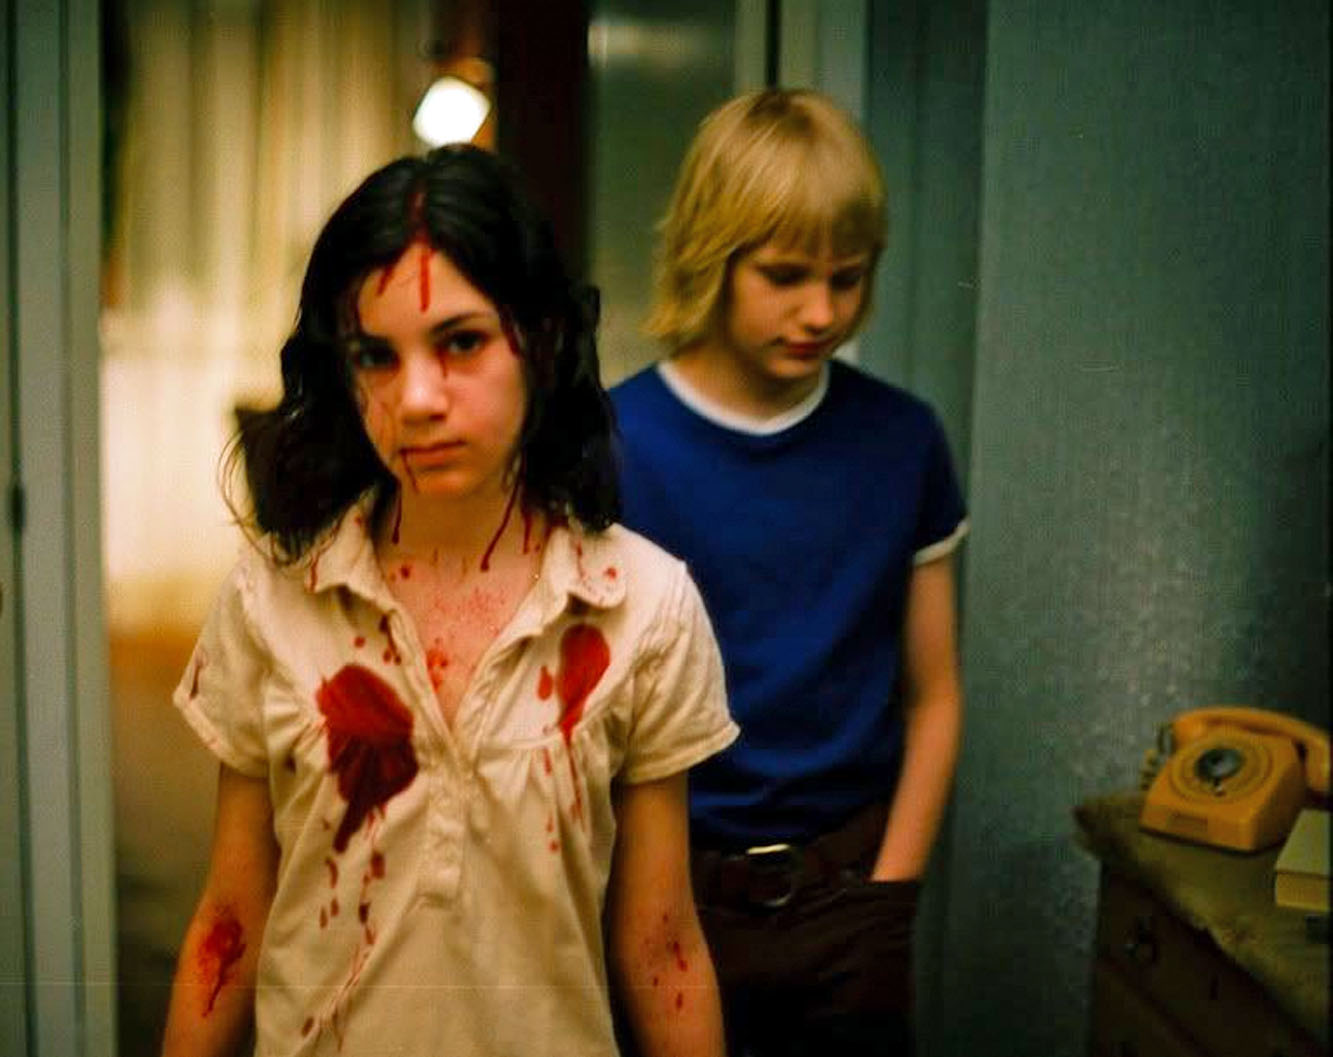 Låt den rätte komma in fra 2008, Lina Leandersson som Eli, i bakgrunnen Kåre Hedebrant som Oskar (Sandrew Metronome)